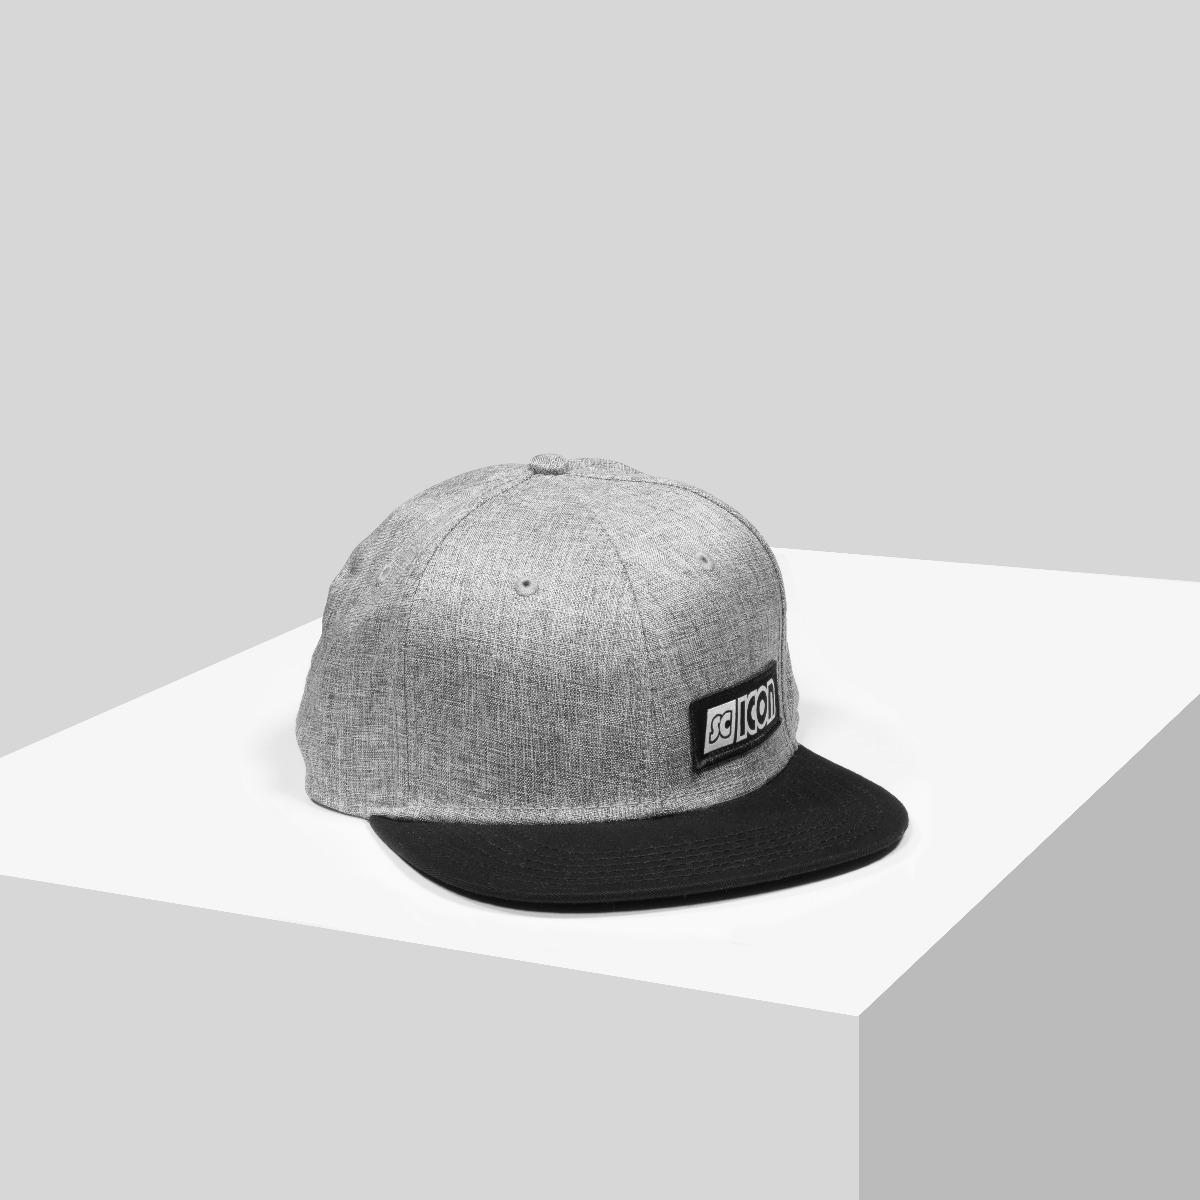 SQUADRA SNAPBACK CAP 03